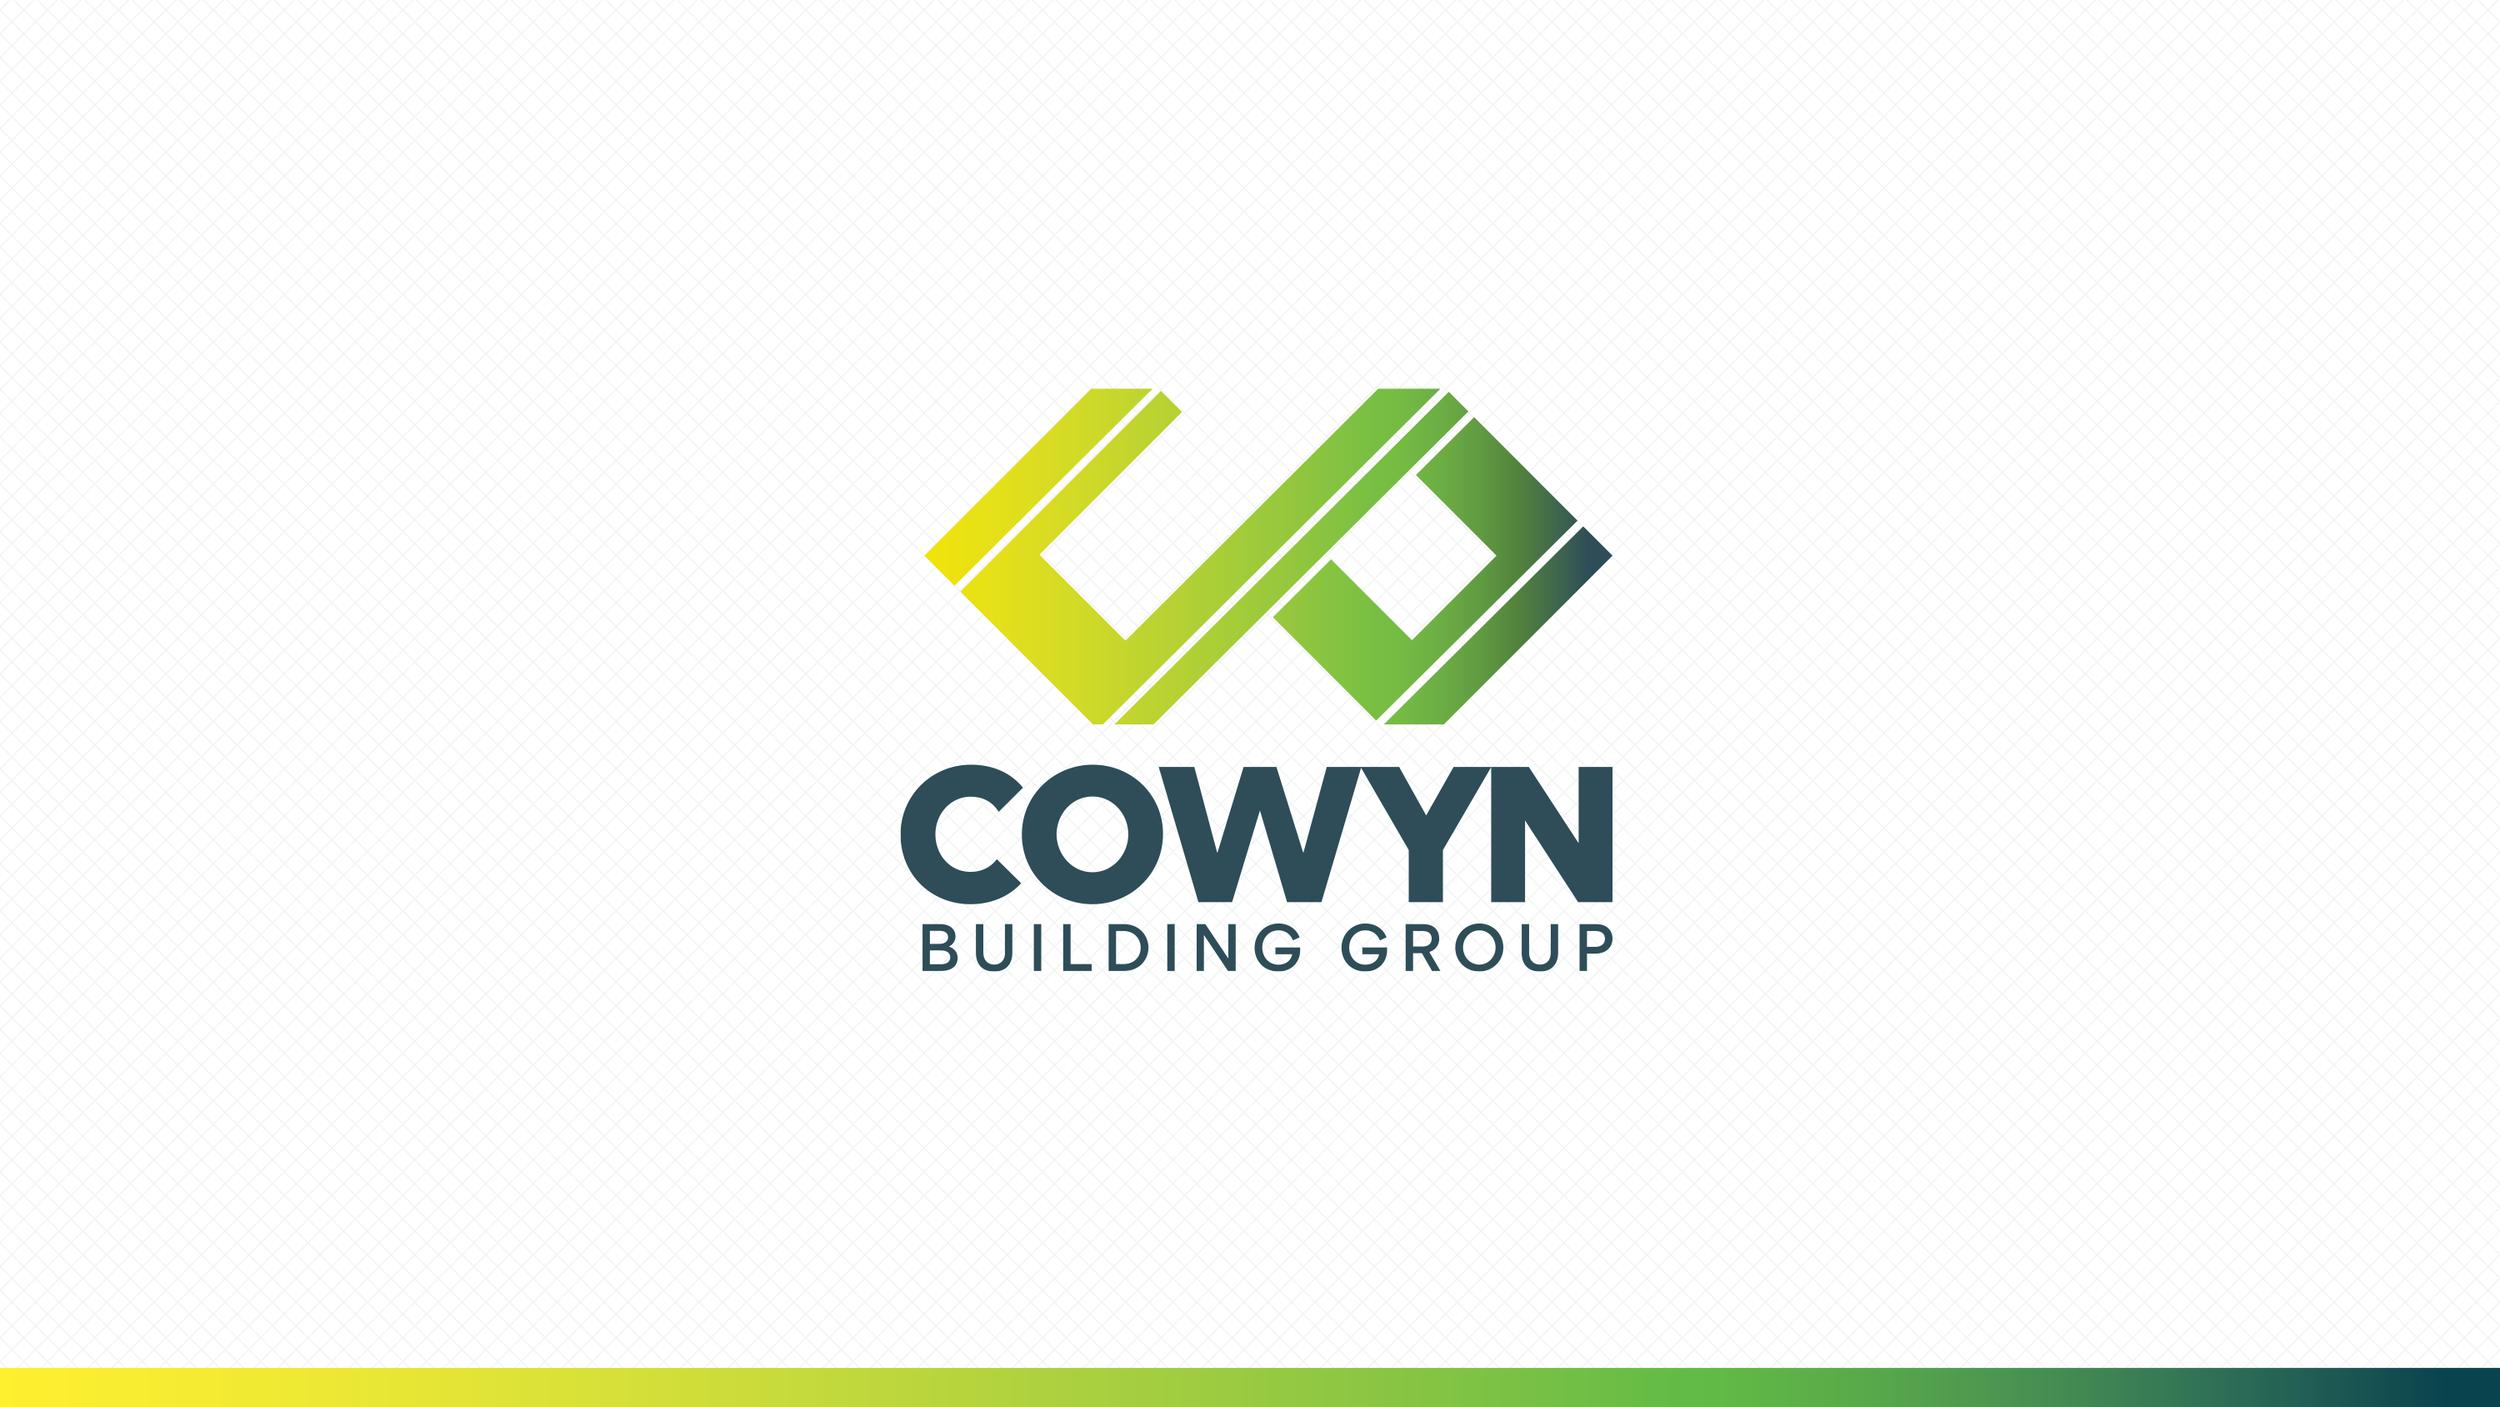 Creatik_Cowyn_CaseStudy_1.png